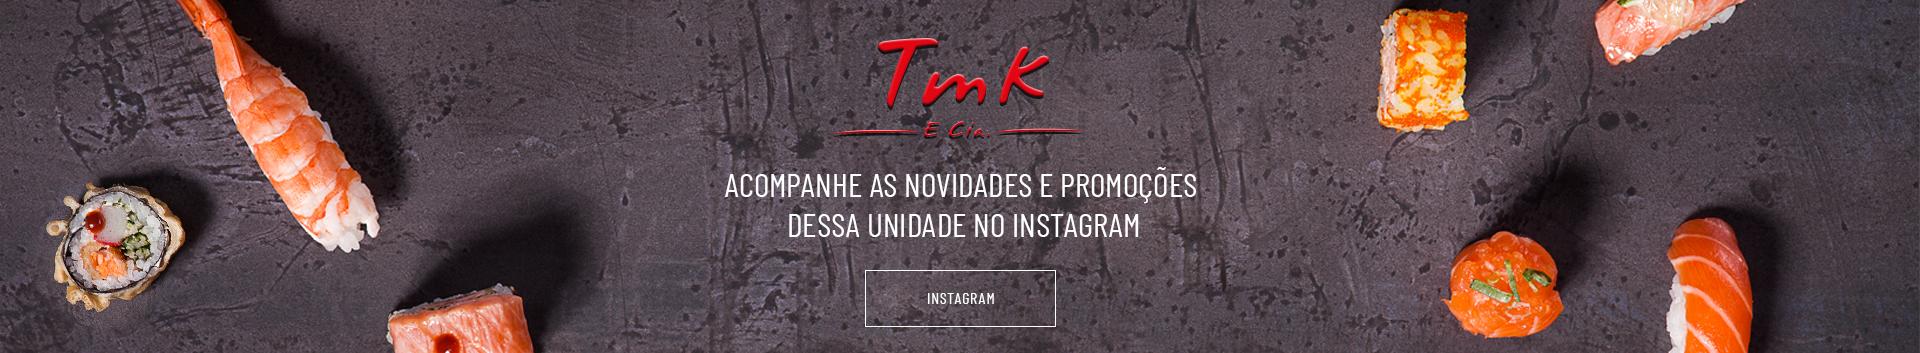 tmk-image-site.jpg